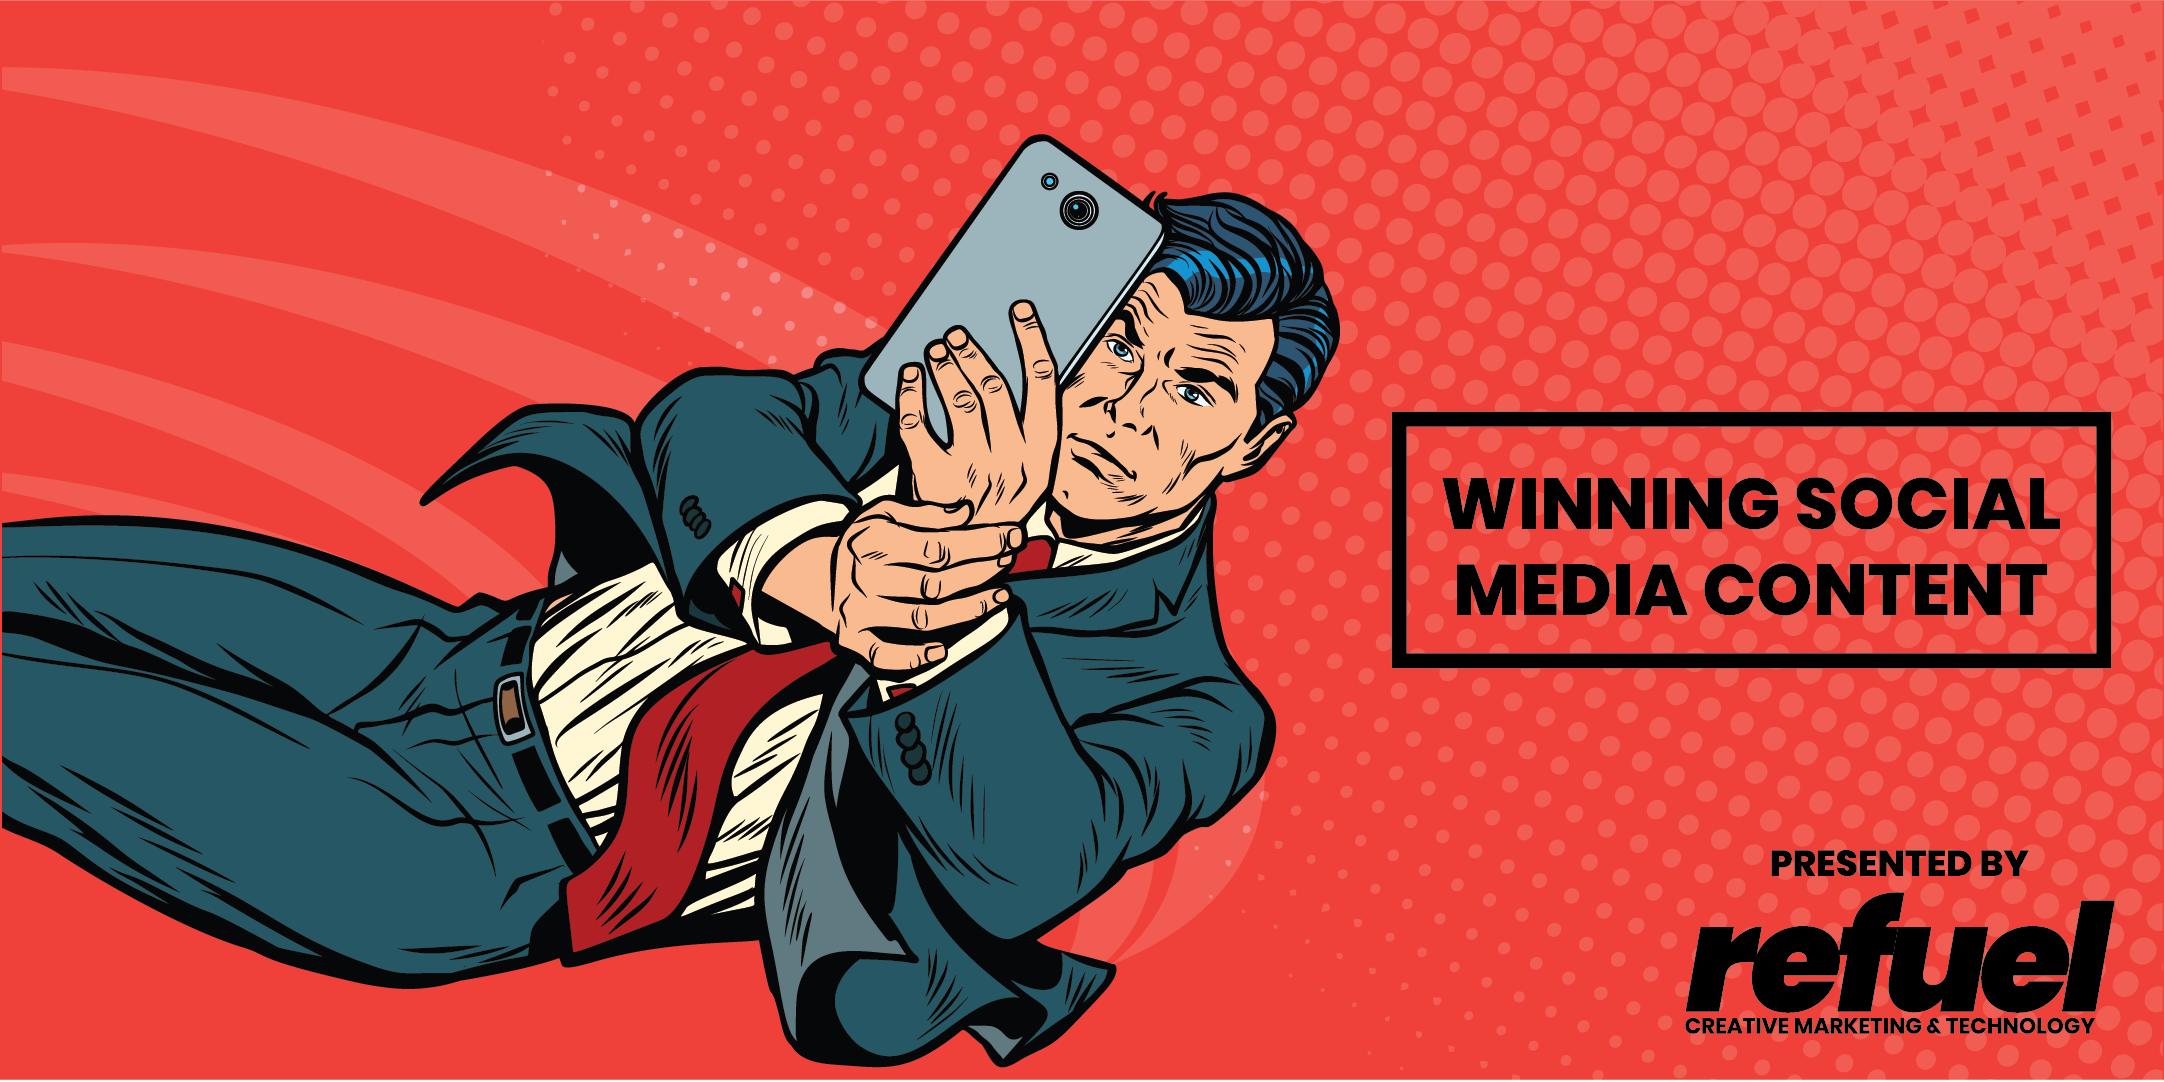 Winning Social Media Content